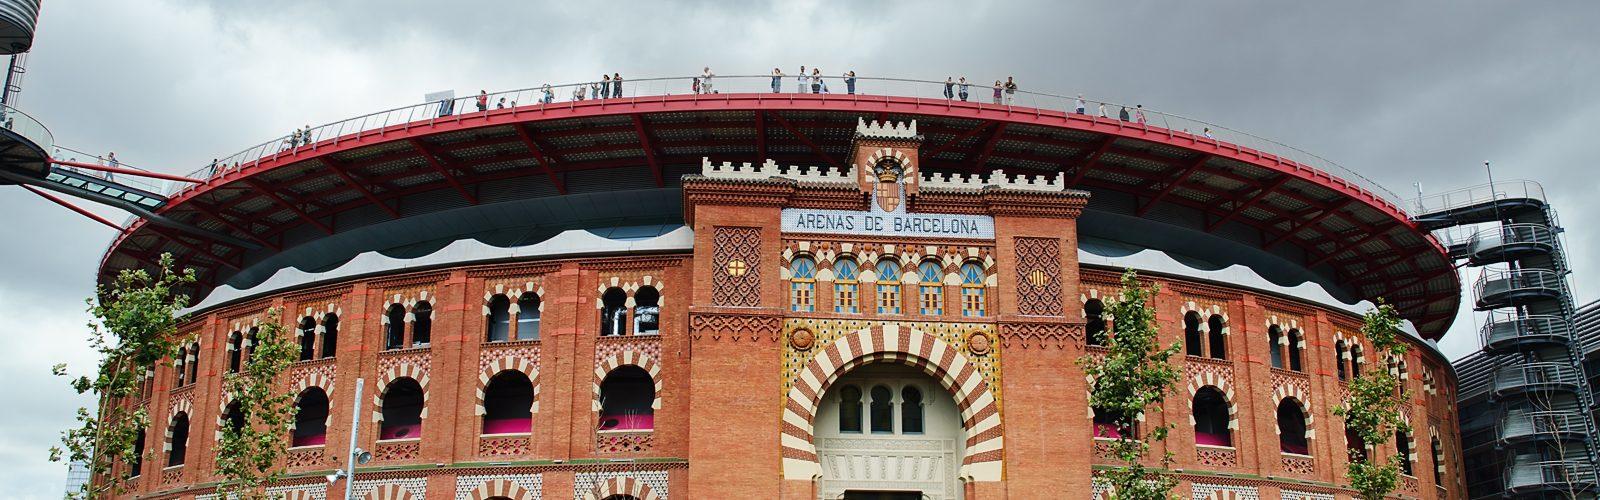 10 Sites Pour De Bons Plans Pour Decouvrir Barcelone